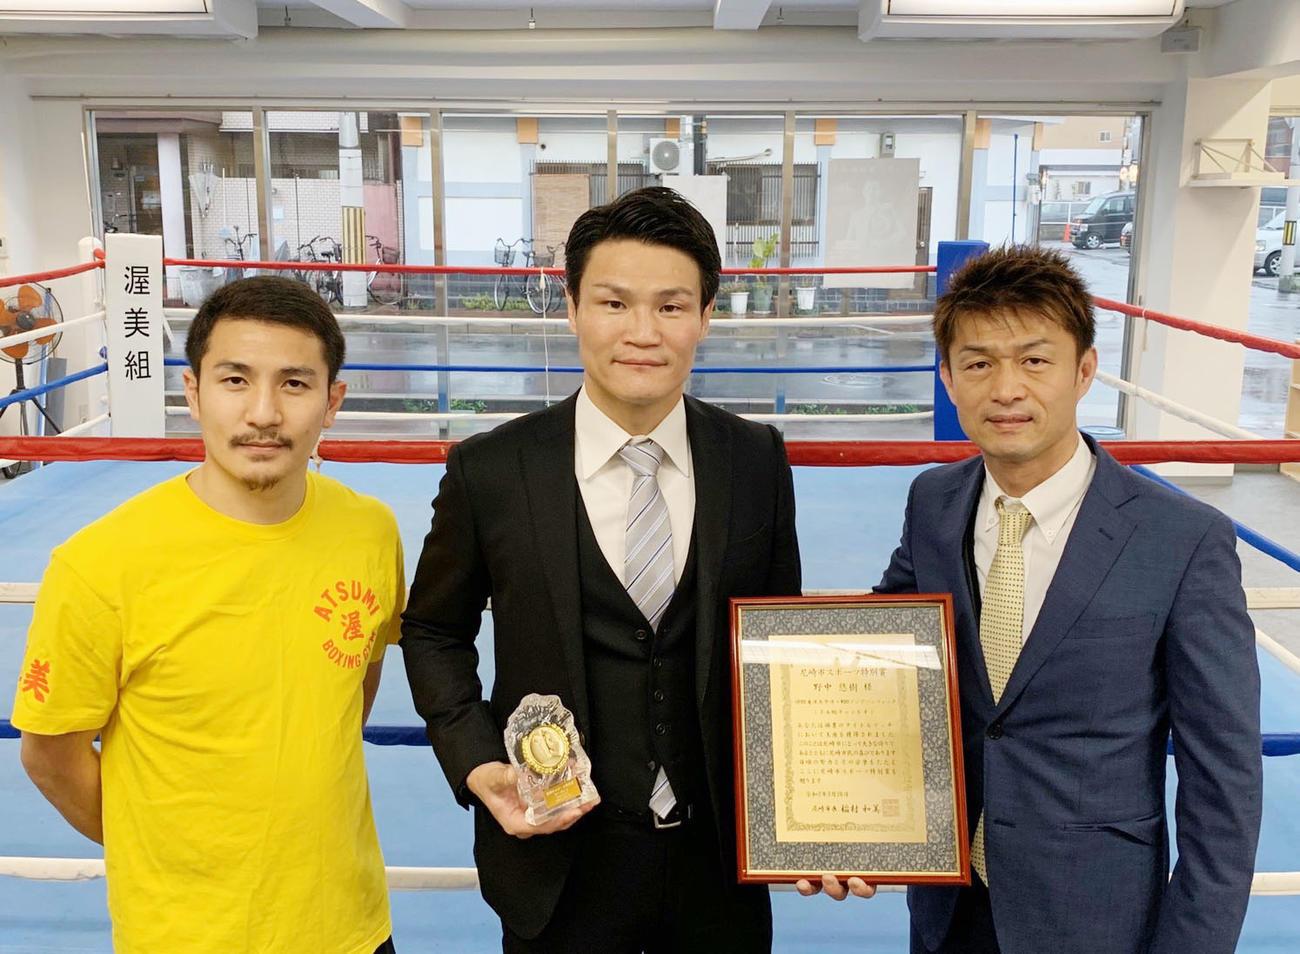 野中悠樹(中央)。左は仲村正男トレーナー、右は桂伸二トレーナー